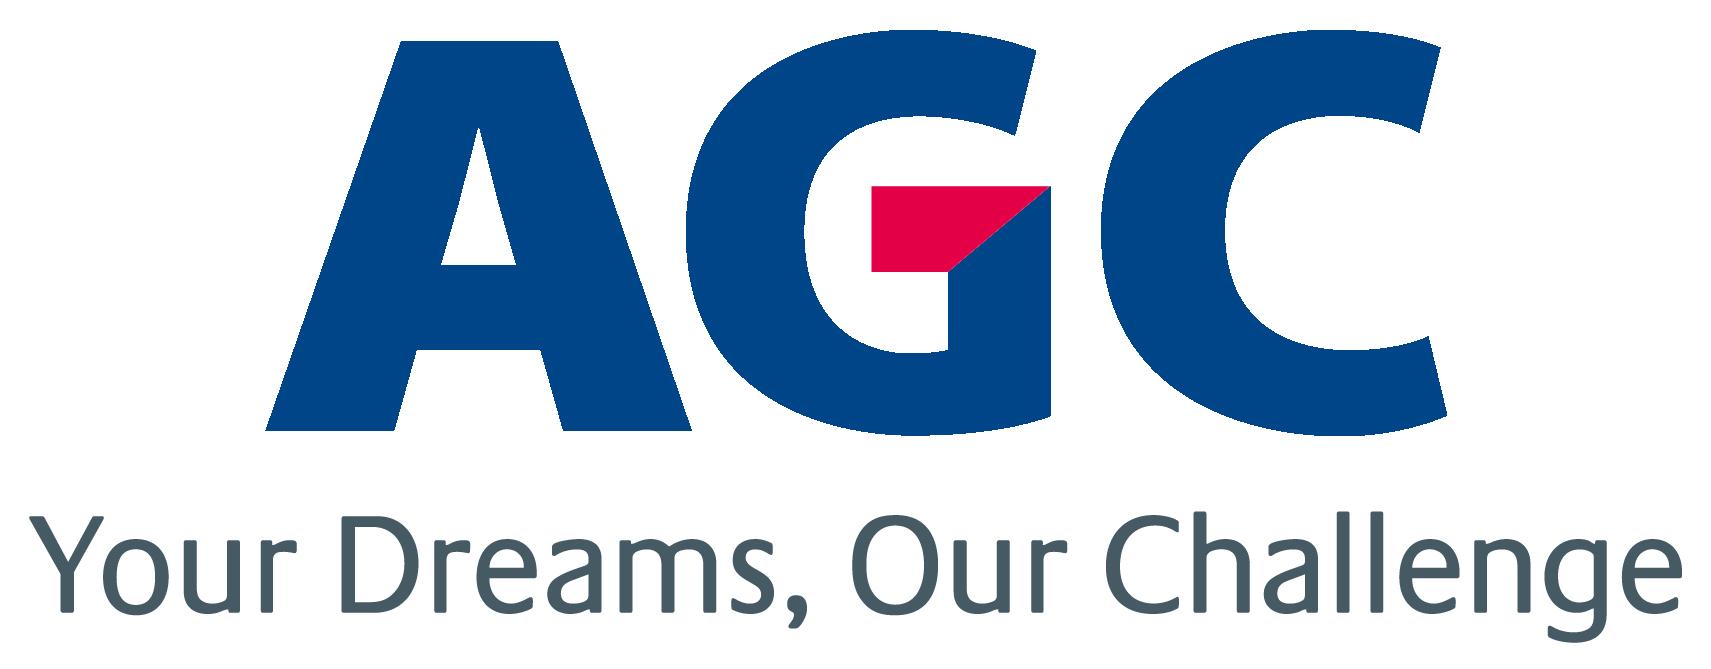 Střední škola AGC a.s. logo